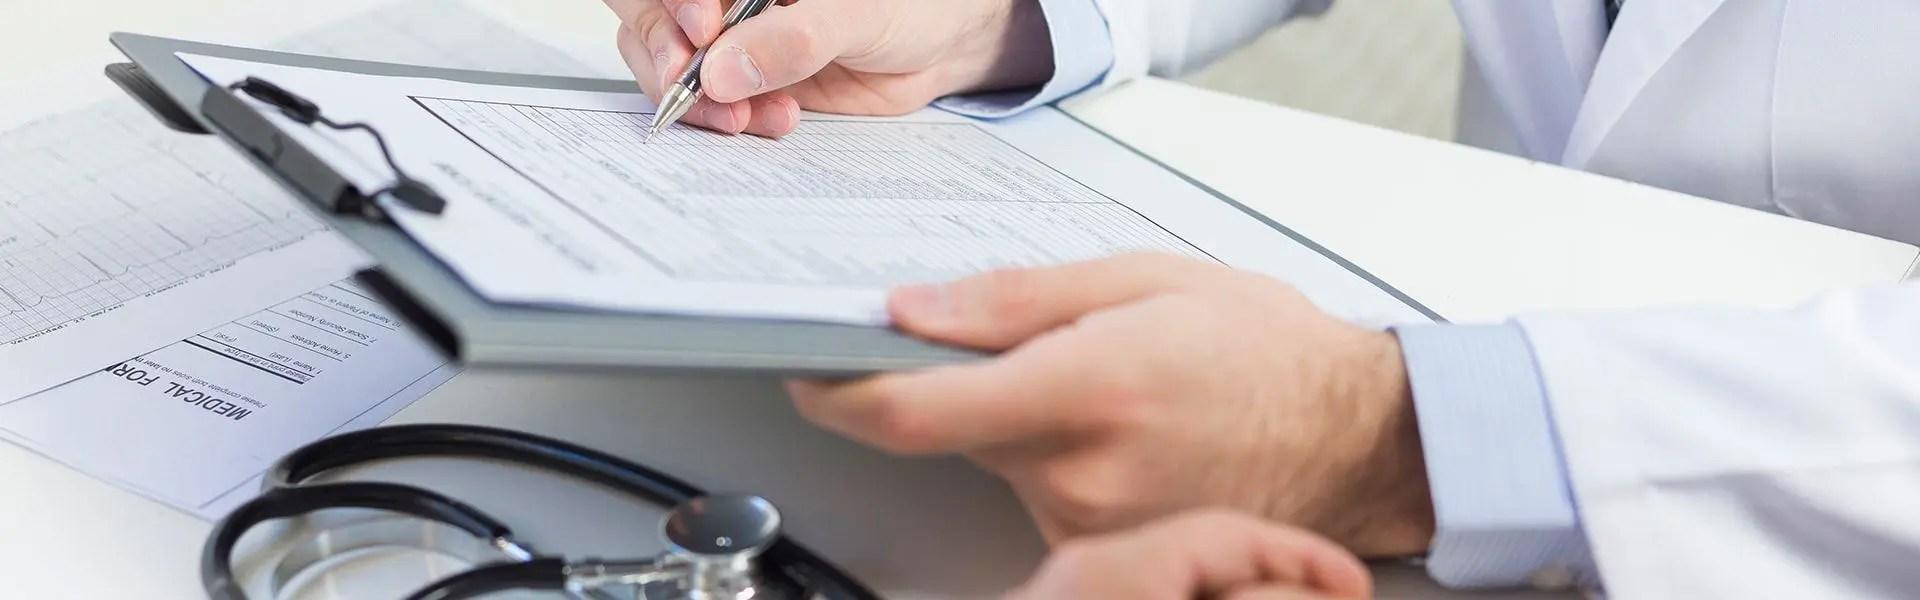 entrada-trato-de-datos-personales-sanitarios